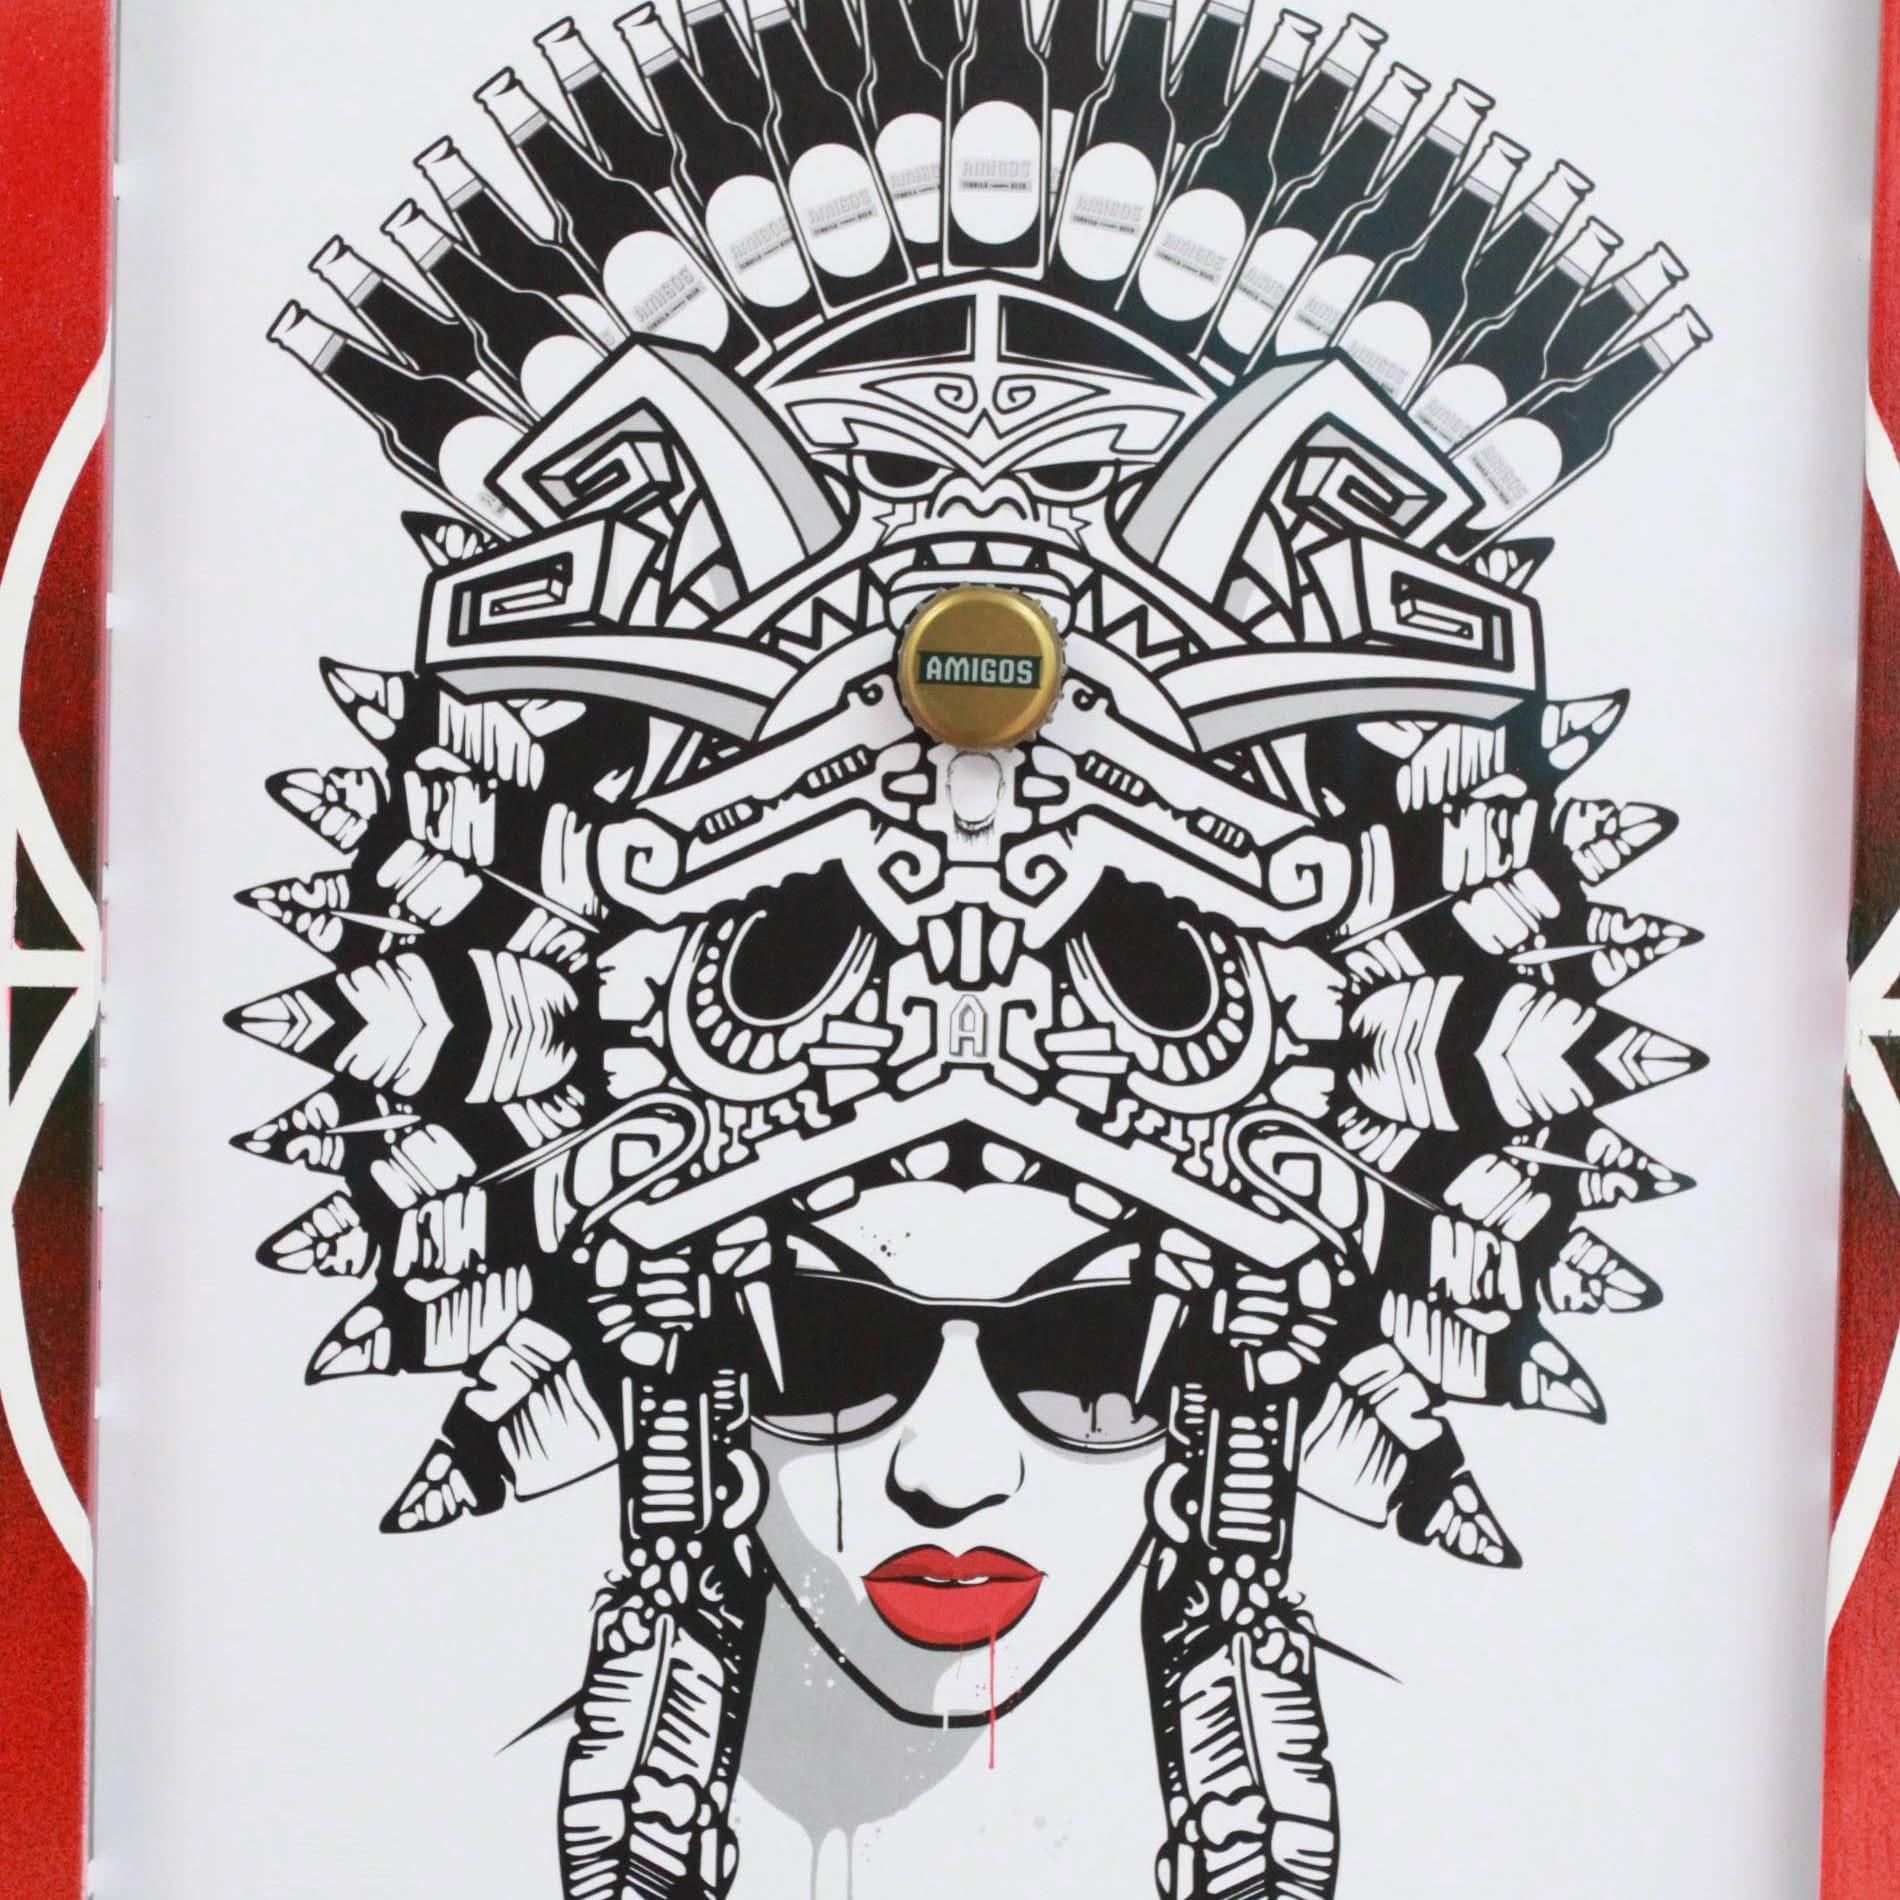 Street Art Showcase: Bareface